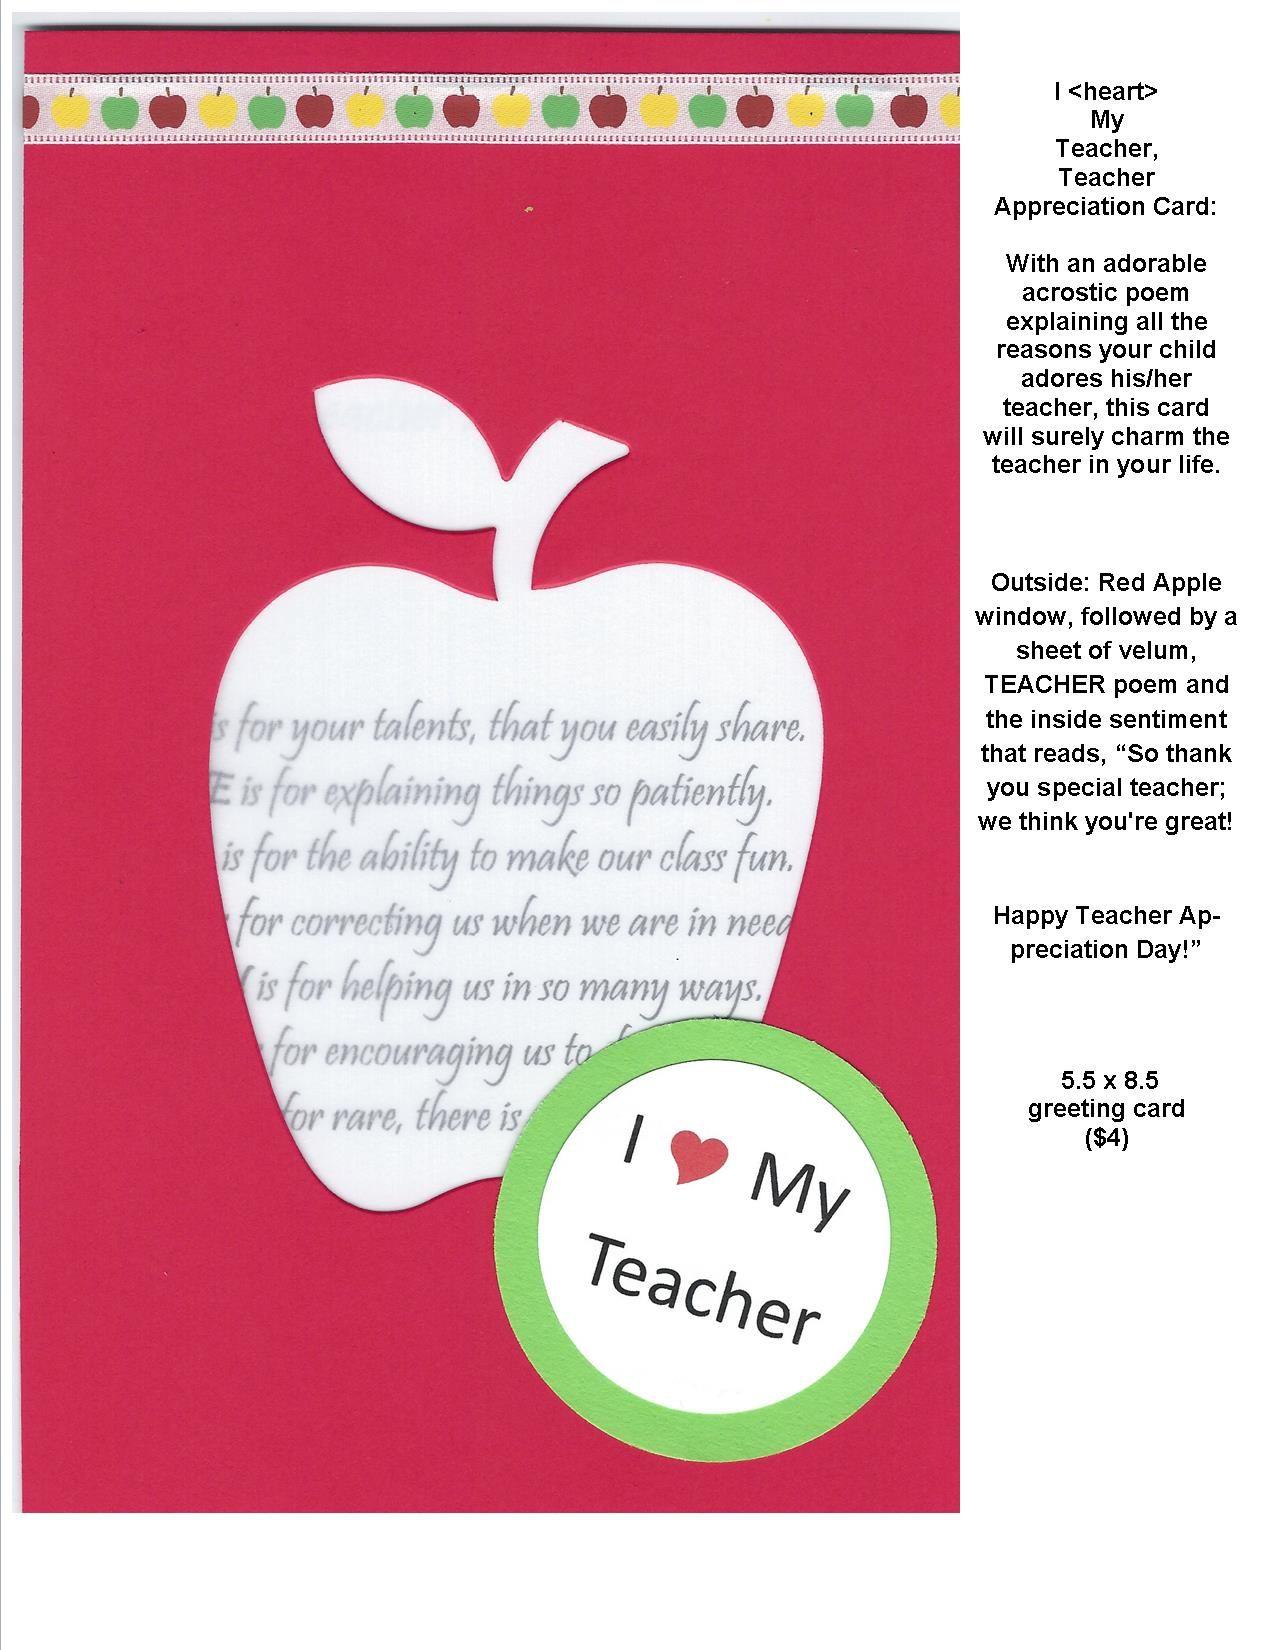 I My Teacher Teacher Appreciation Card With an adorable acrostic